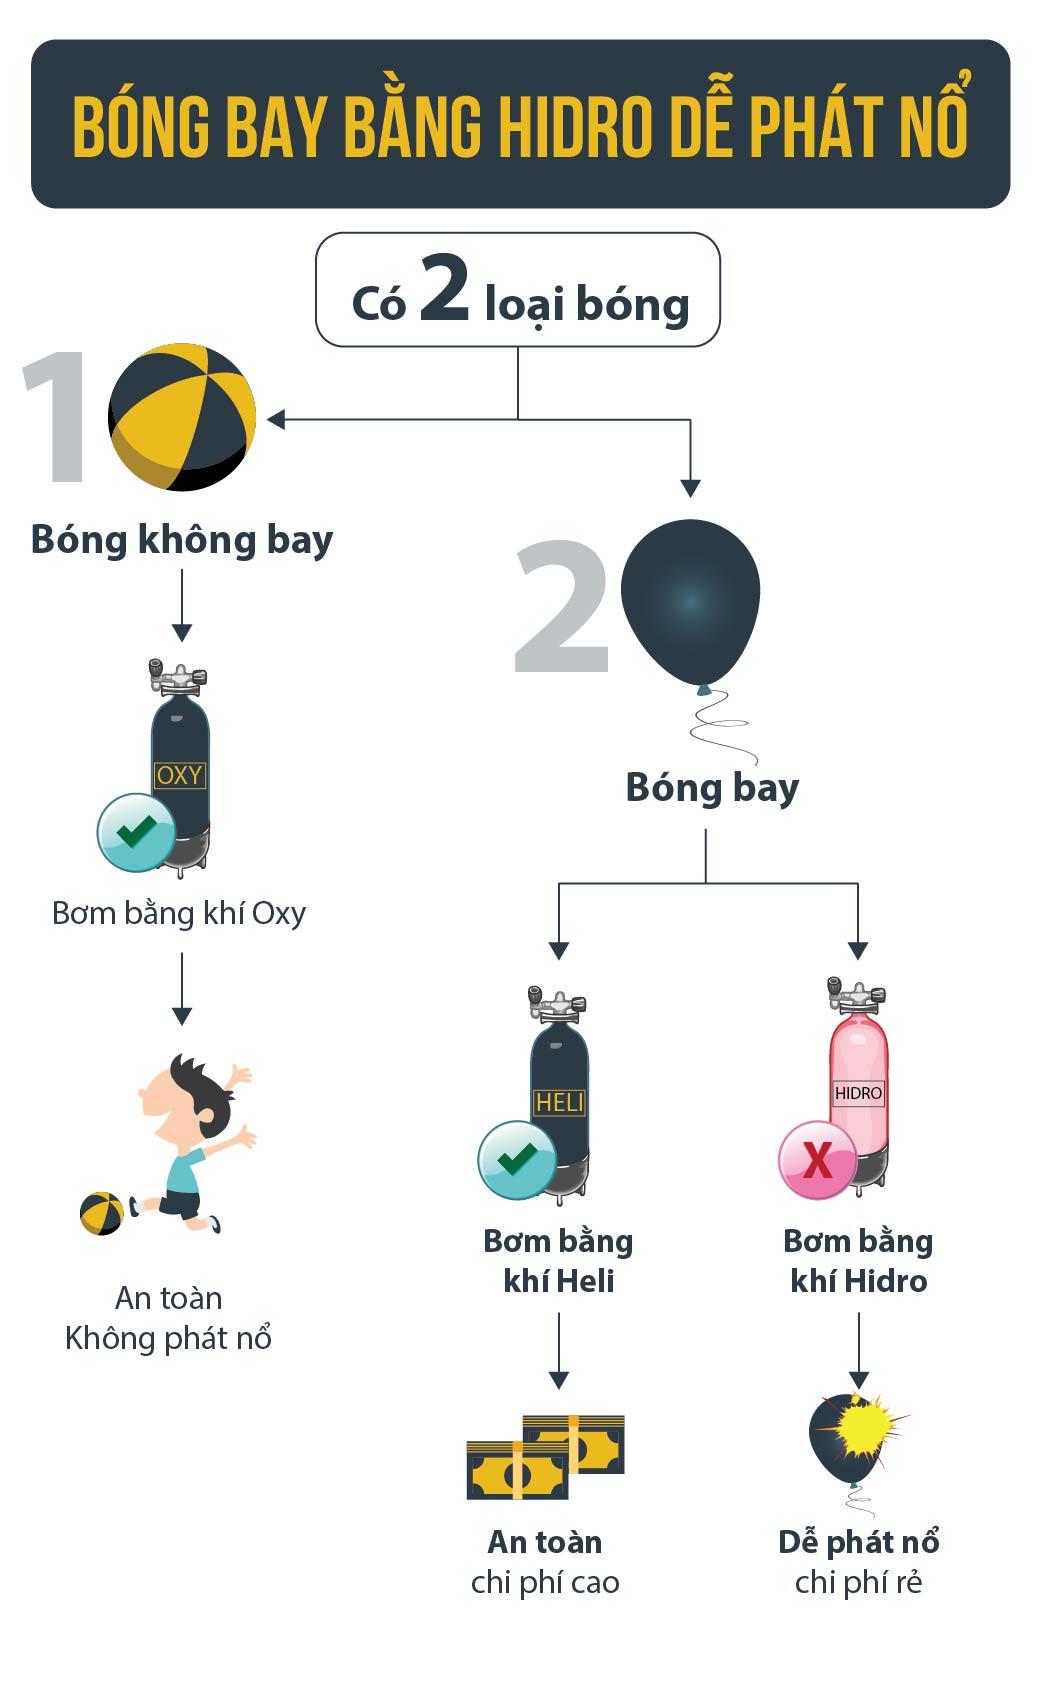 [Đồ họa] Khi nào bóng bay trở thành bom? - 1